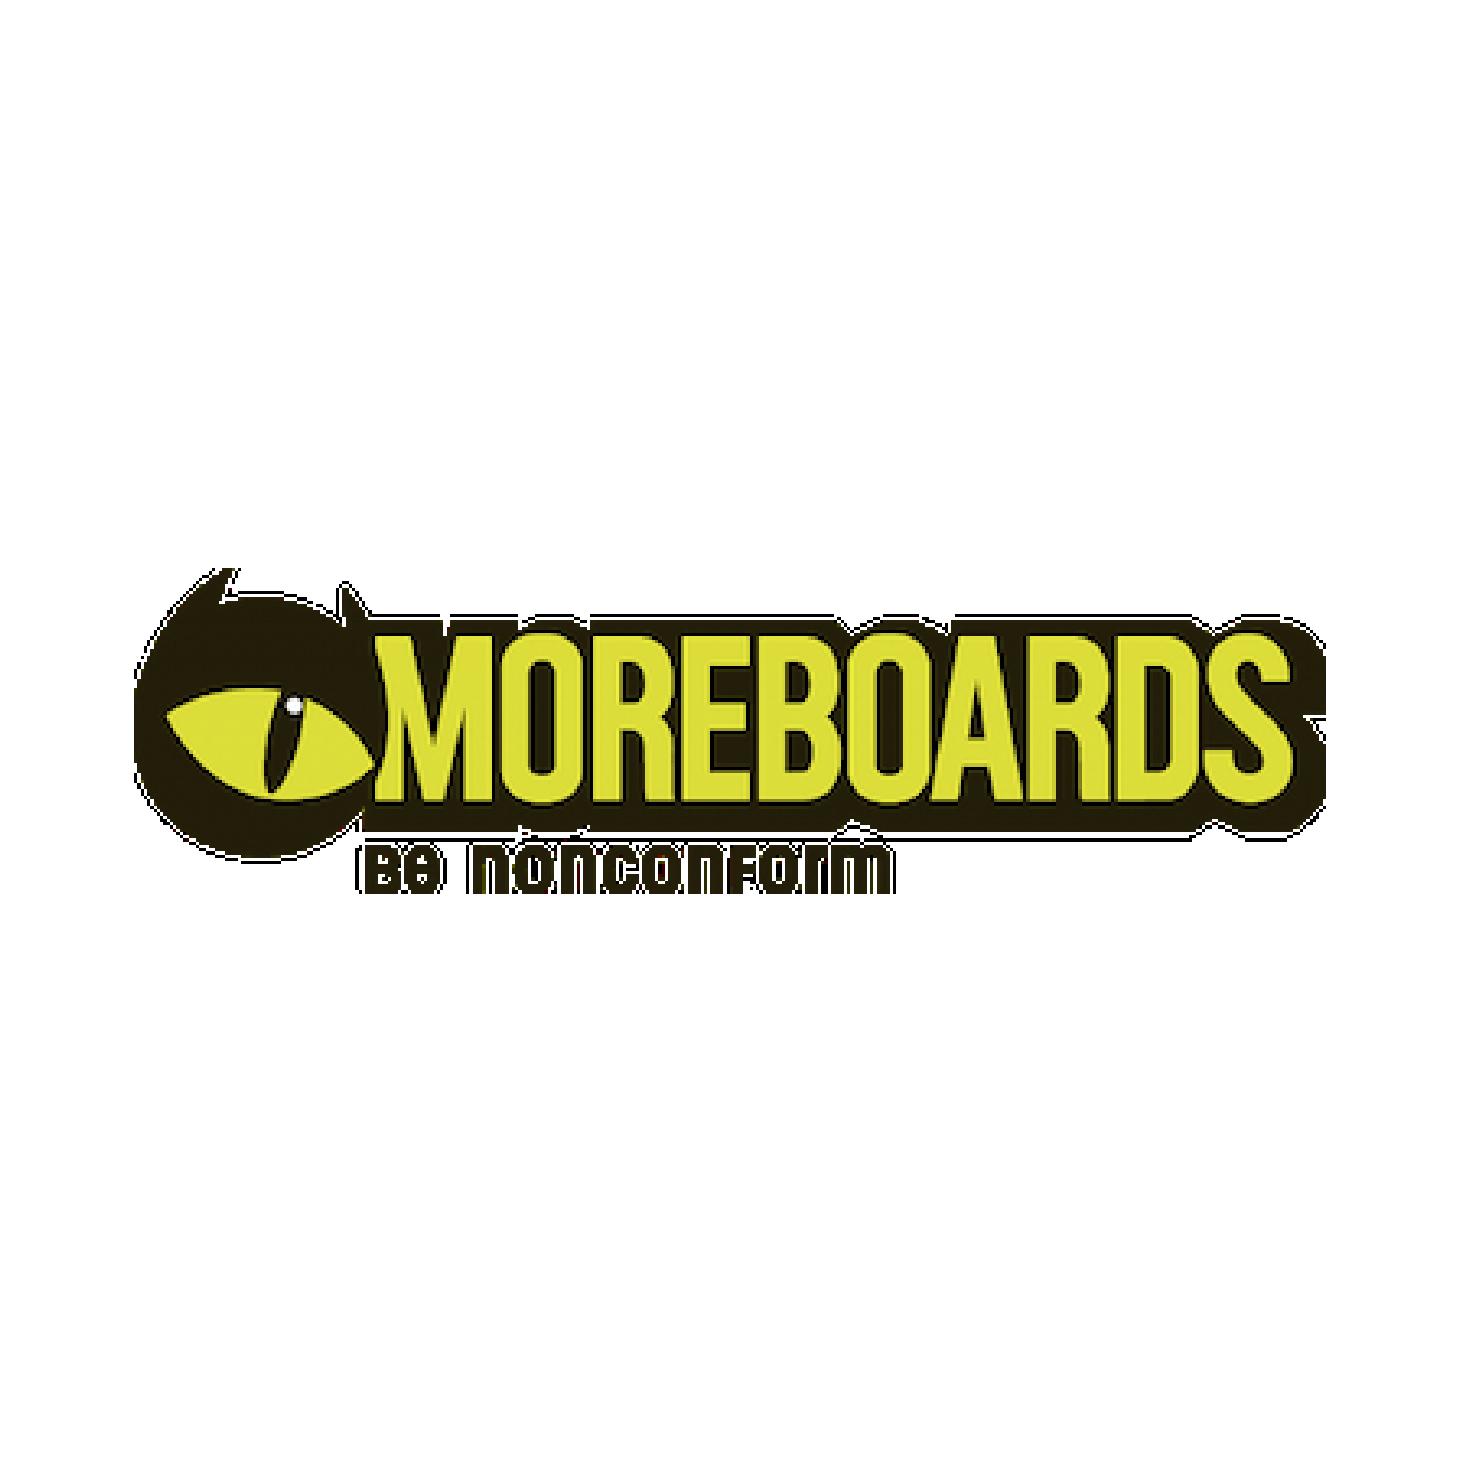 Logo_Moreboards color